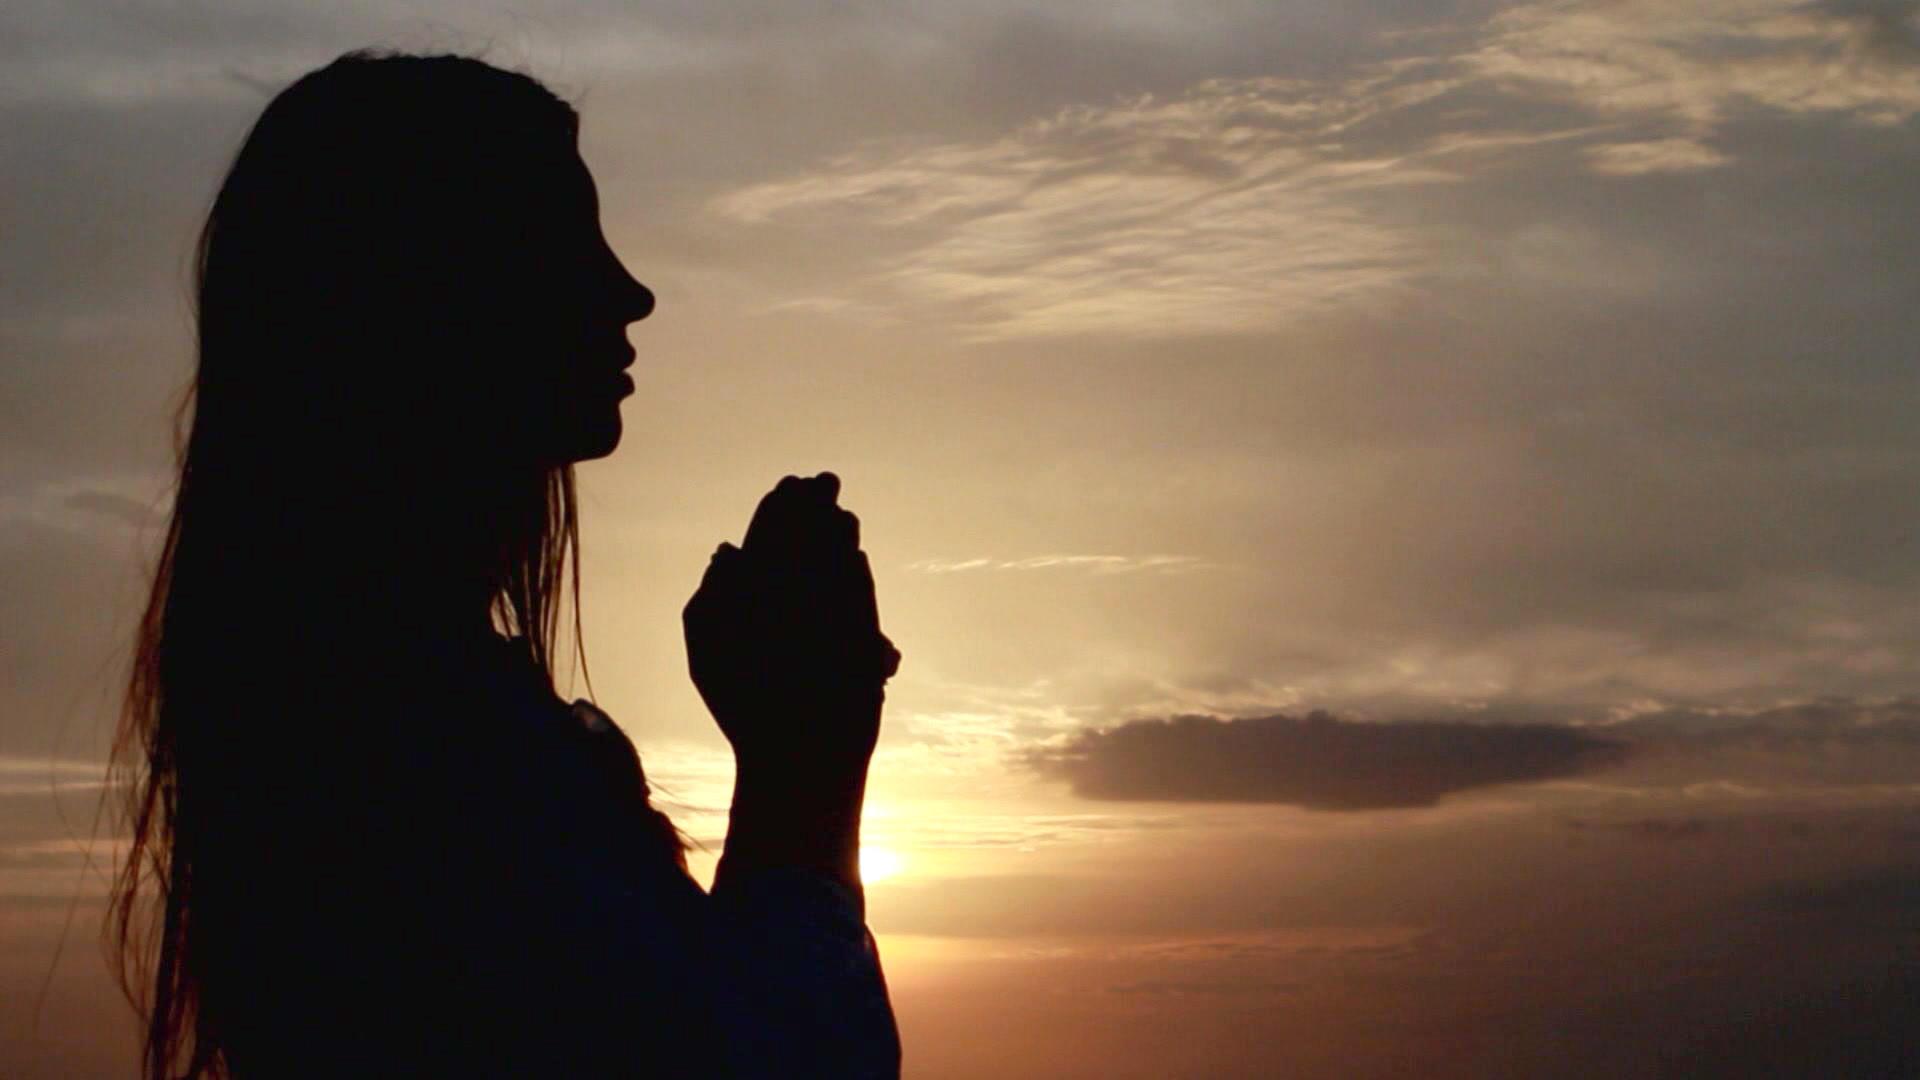 Hilft Beten? Wünschen, Hoffen, Denken   Folge 19